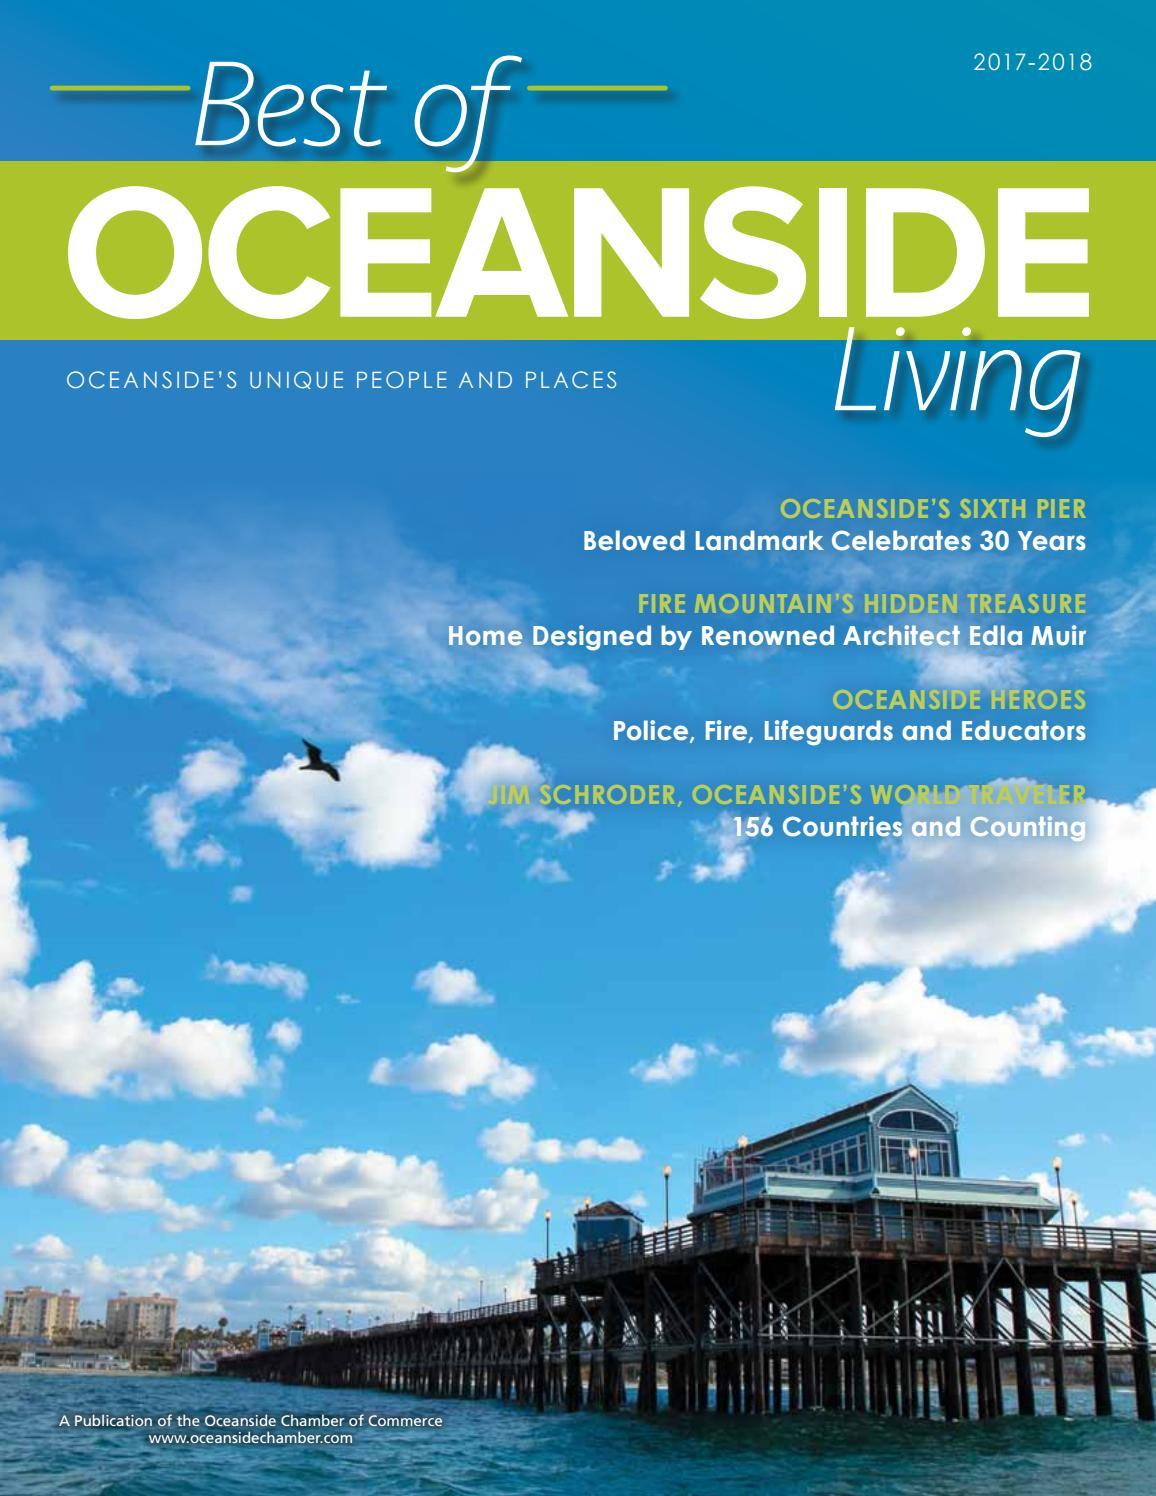 OCEANSIDE LIVING MAGAZINE, Best of OCEANSIDE Living, 2017-2018 by ...